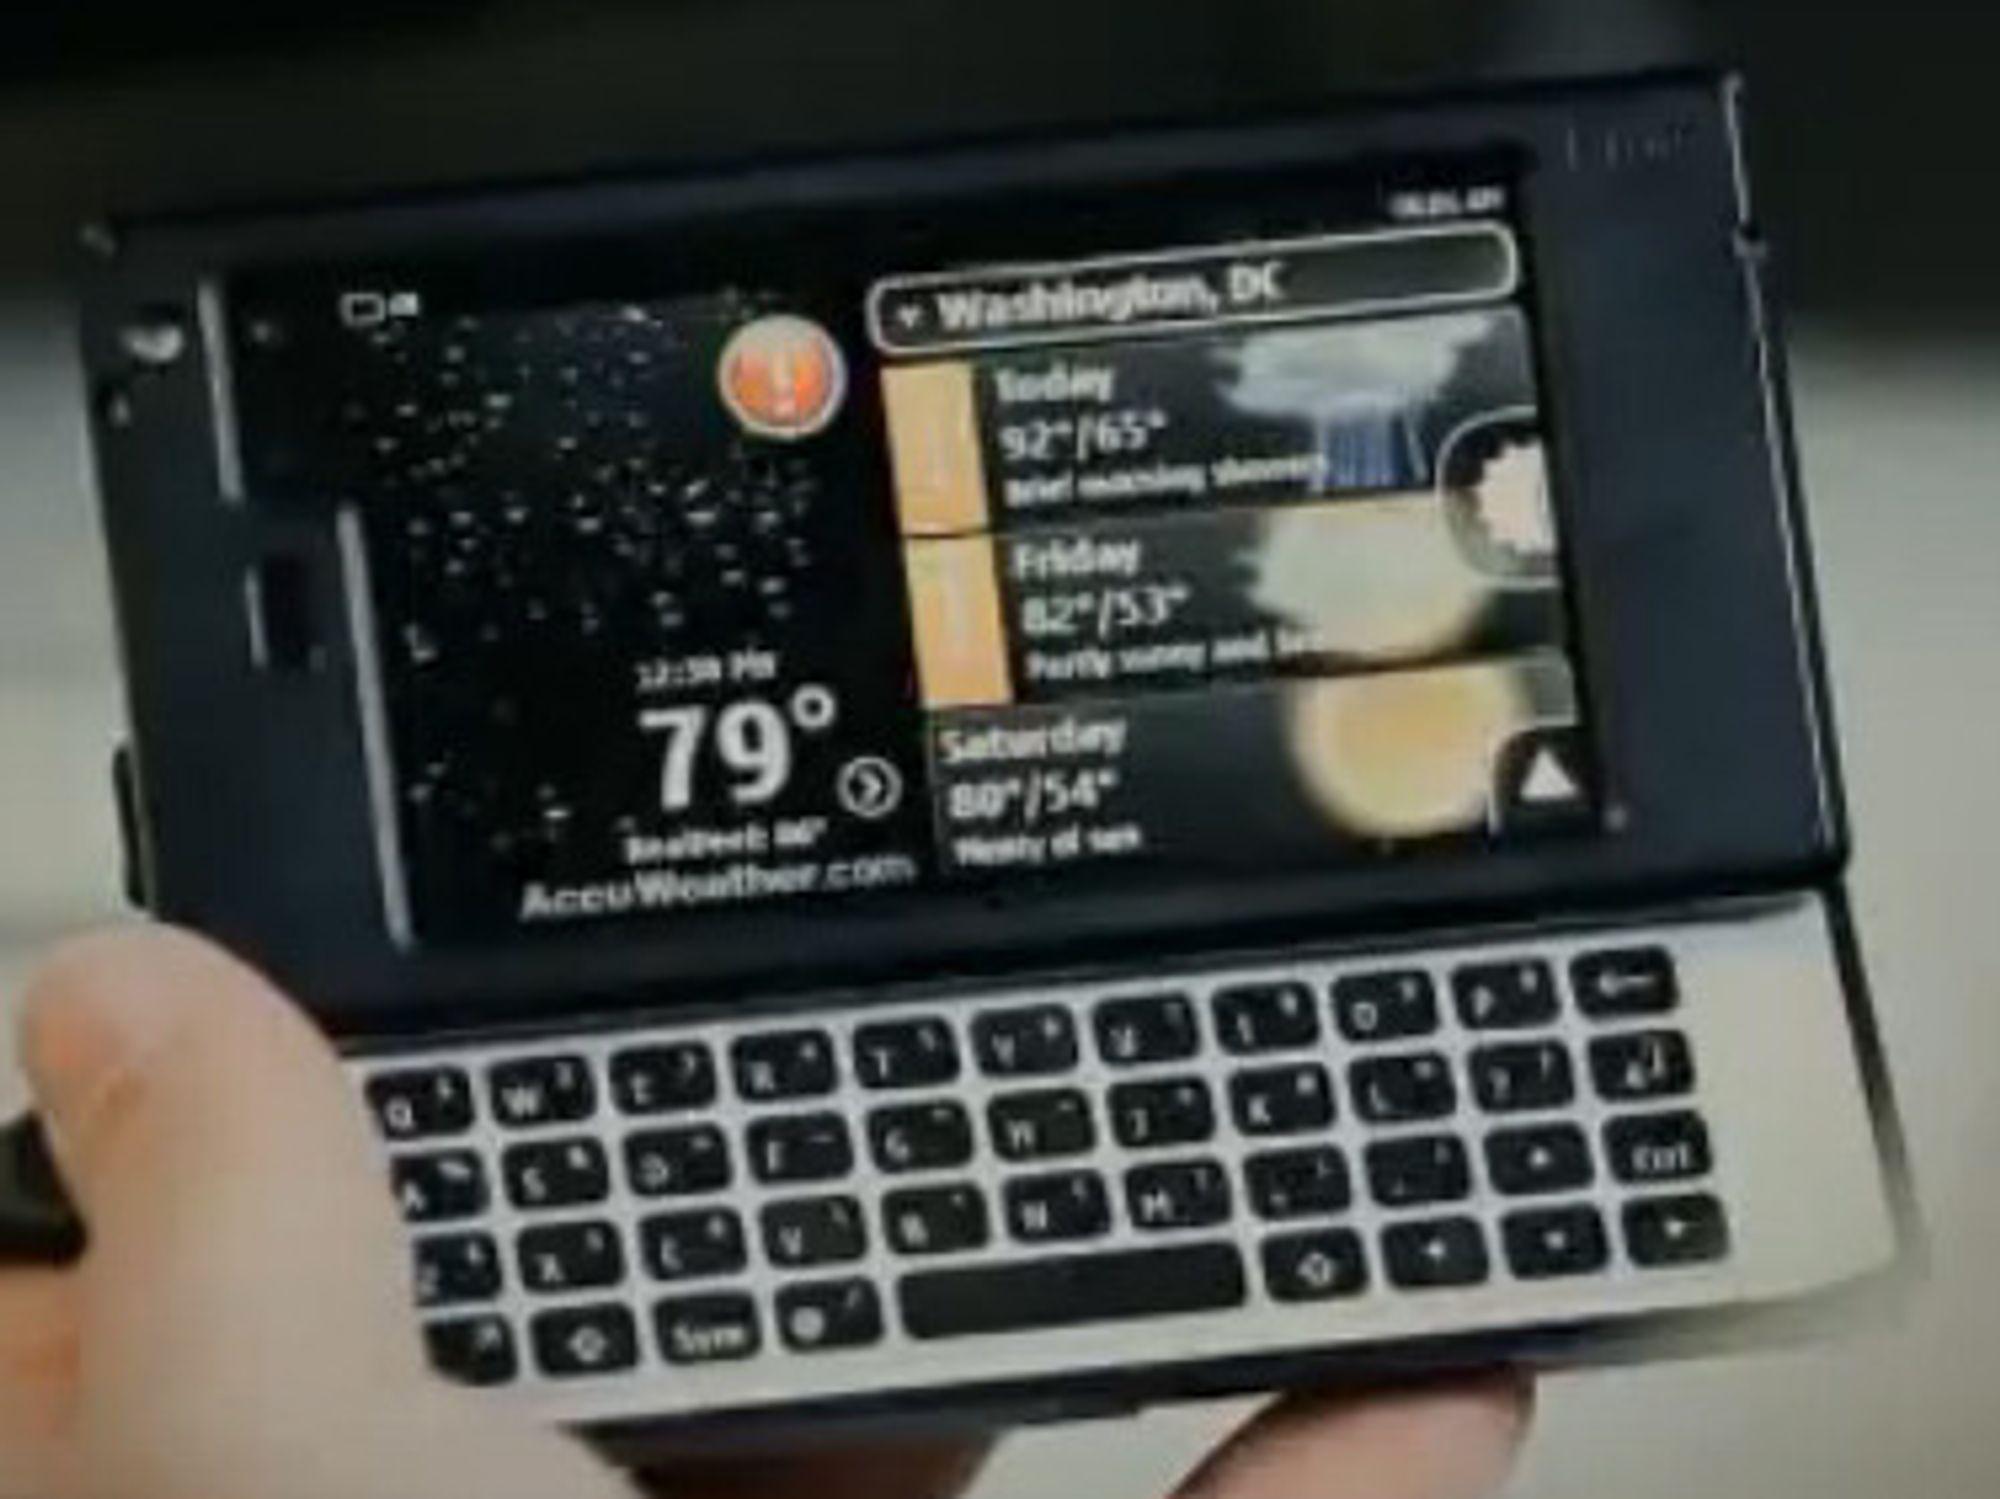 Angivelig Nokia N950 hentet fra utviklervideo utgitt av Nokia på YouTube.